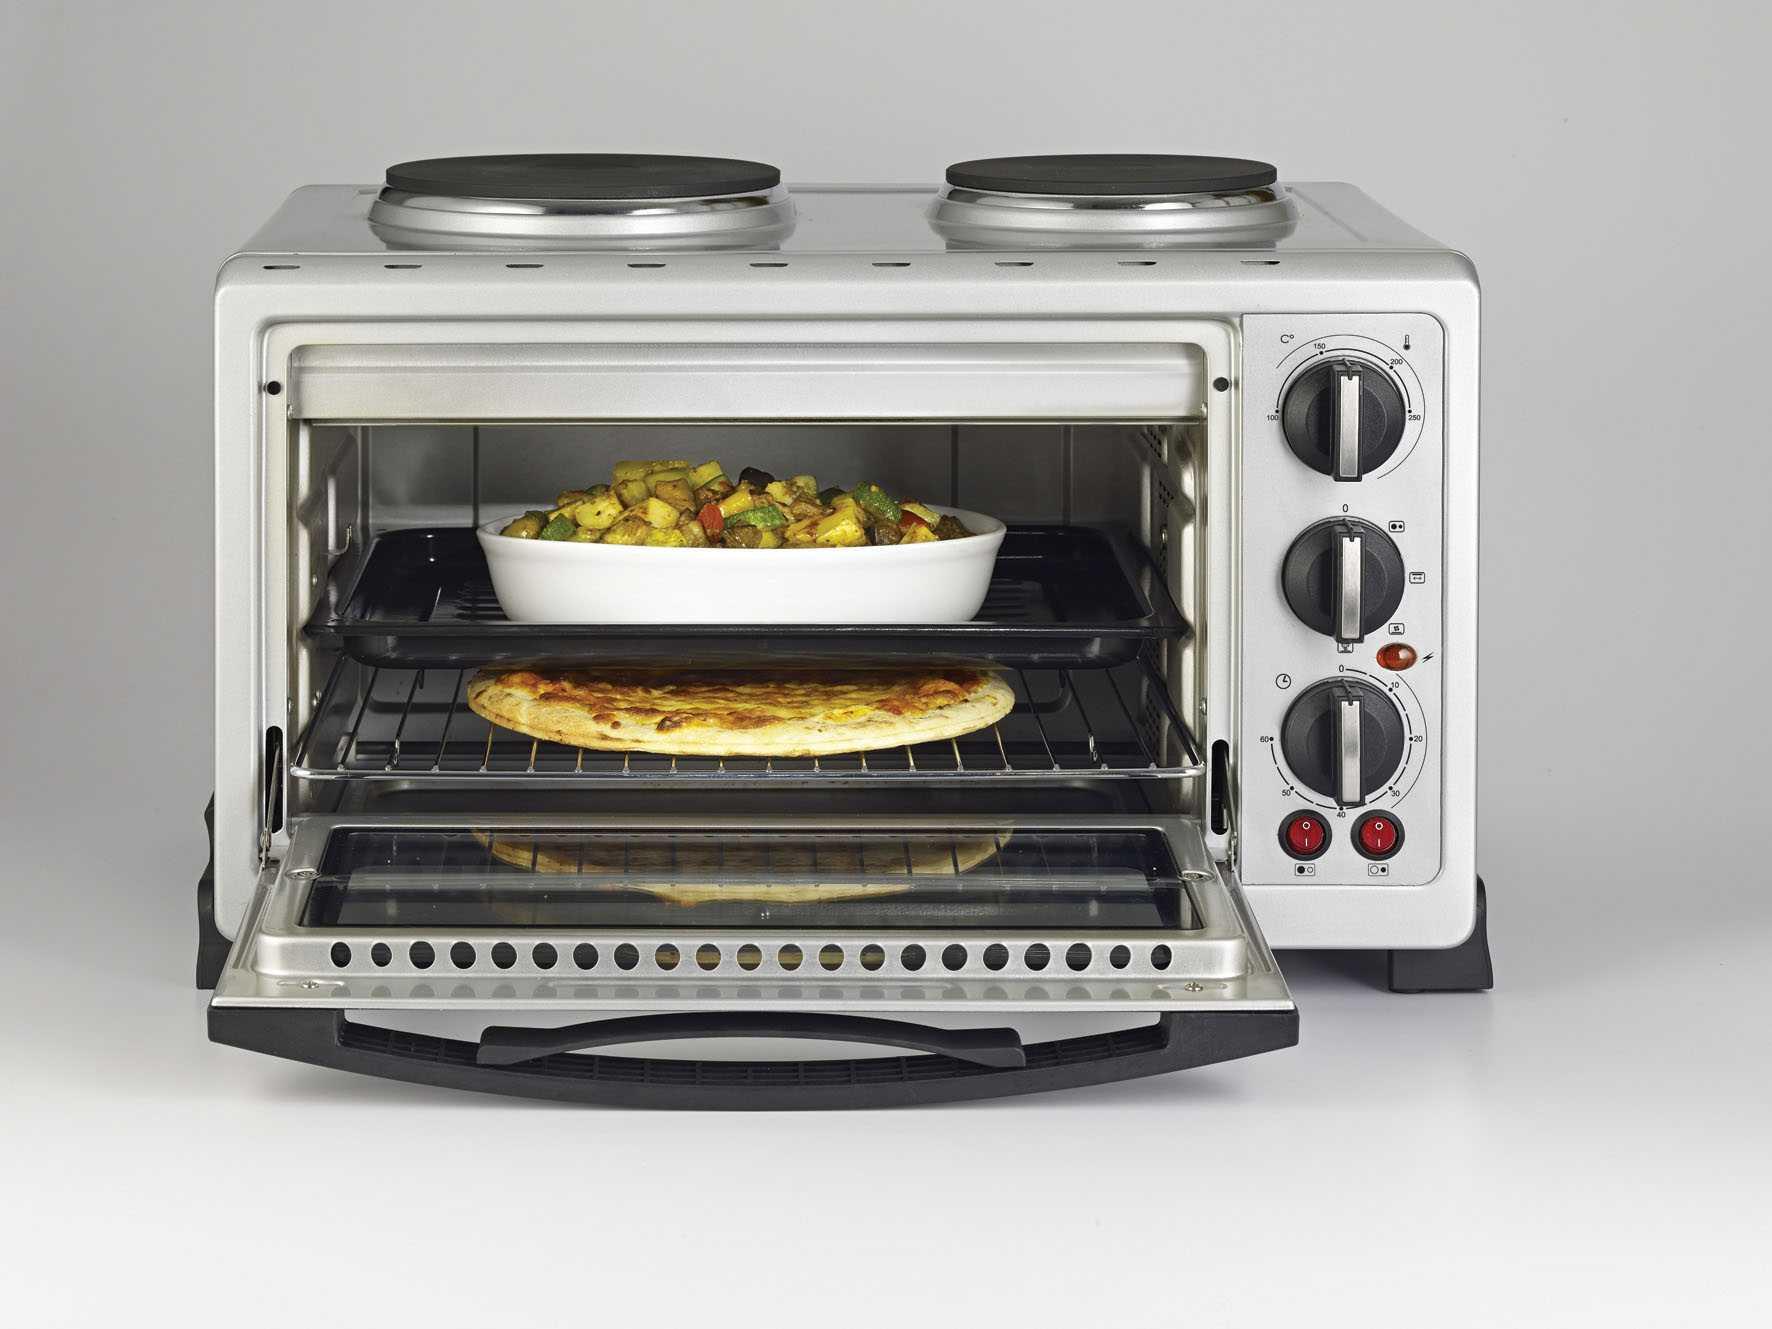 Bon cuisine 380 ariete piccoli elettrodomestici for Ariete elettrodomestici